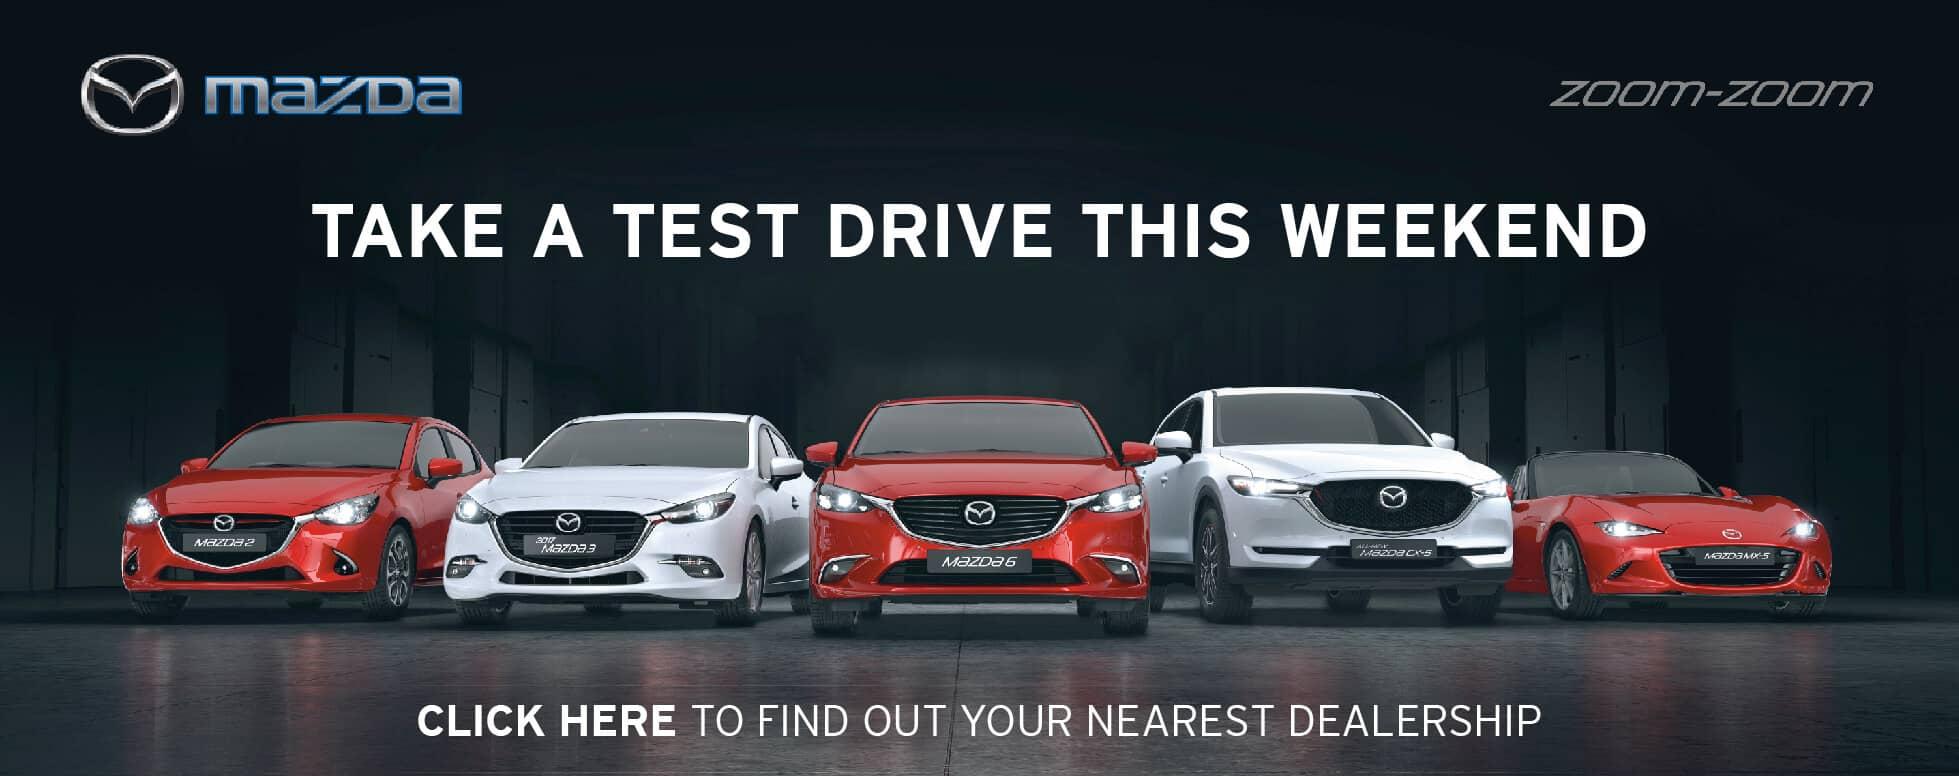 Mazda CX-5 deals | New Mazda CX-5 Cars for Sale | Macklin Motors